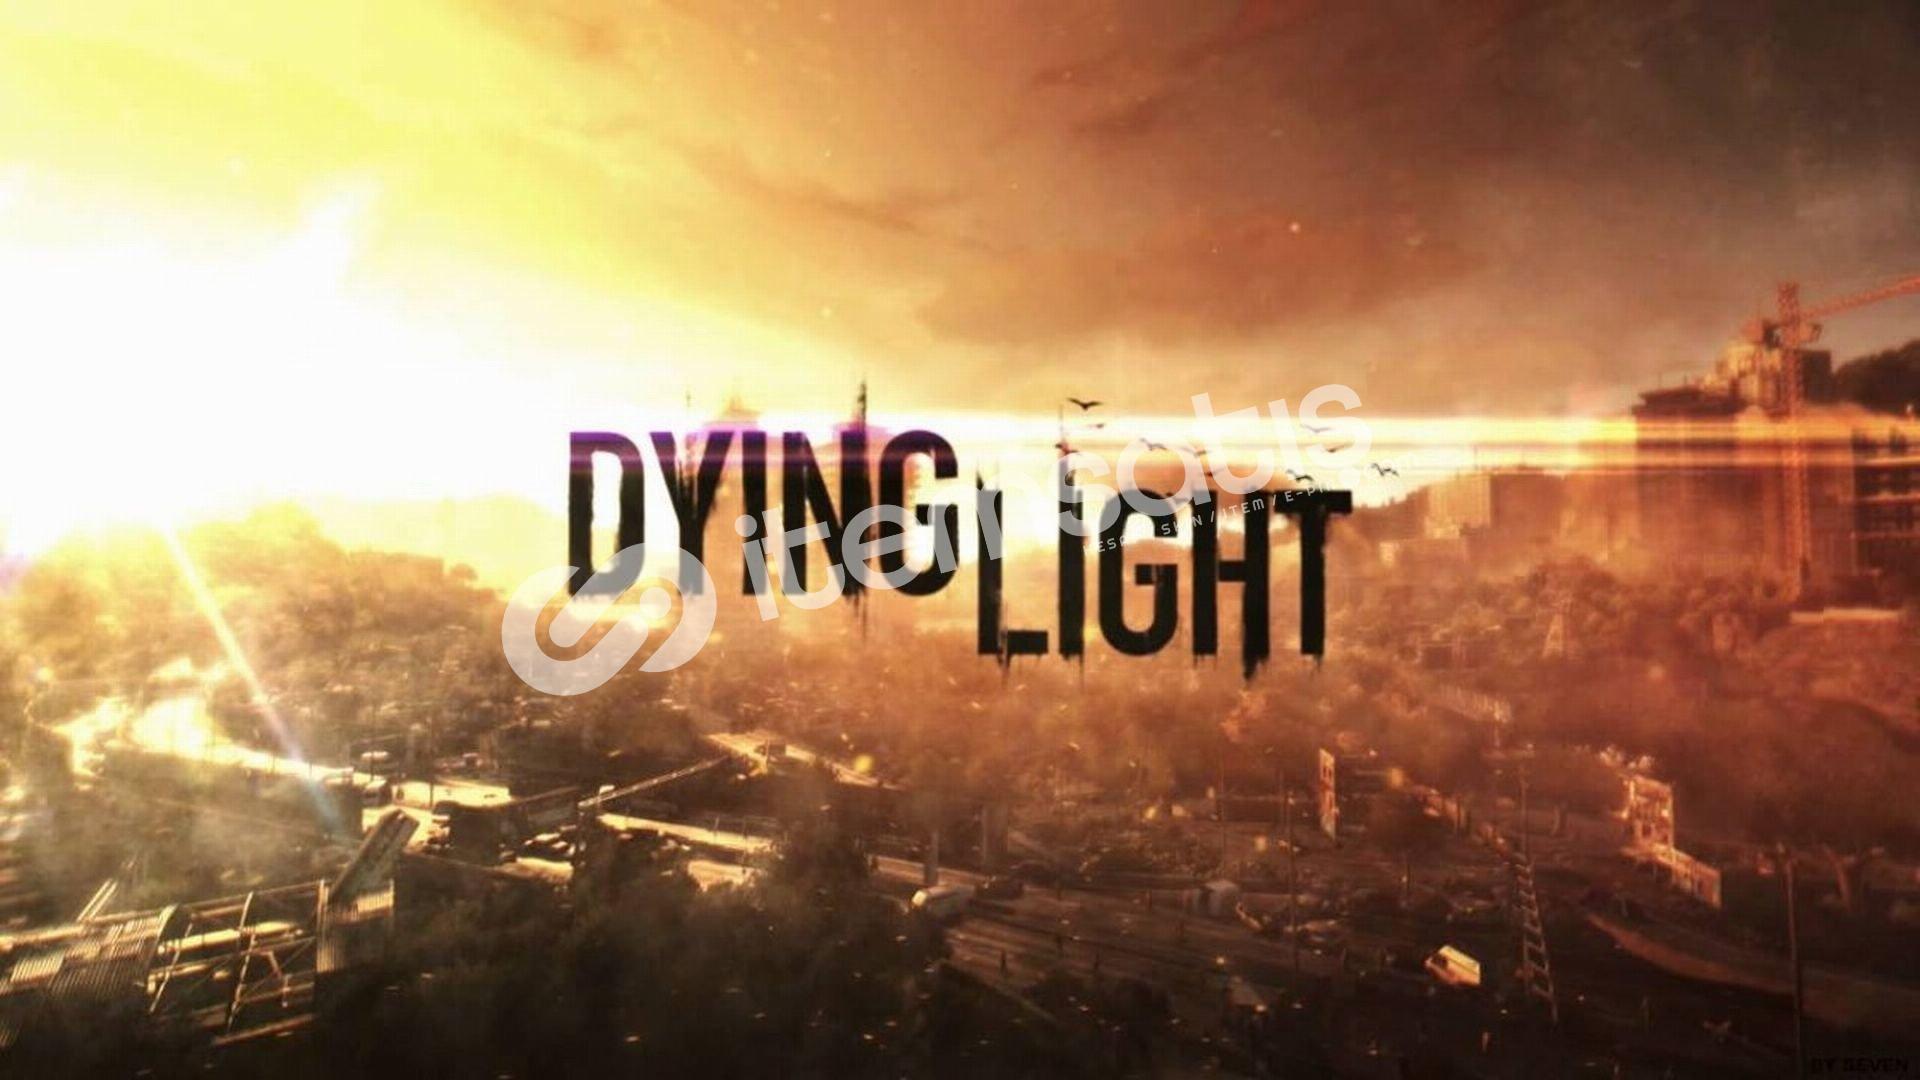 Dying Light + HEDİYE + GARANTİ + GEFORCE NOW DESTEKLER